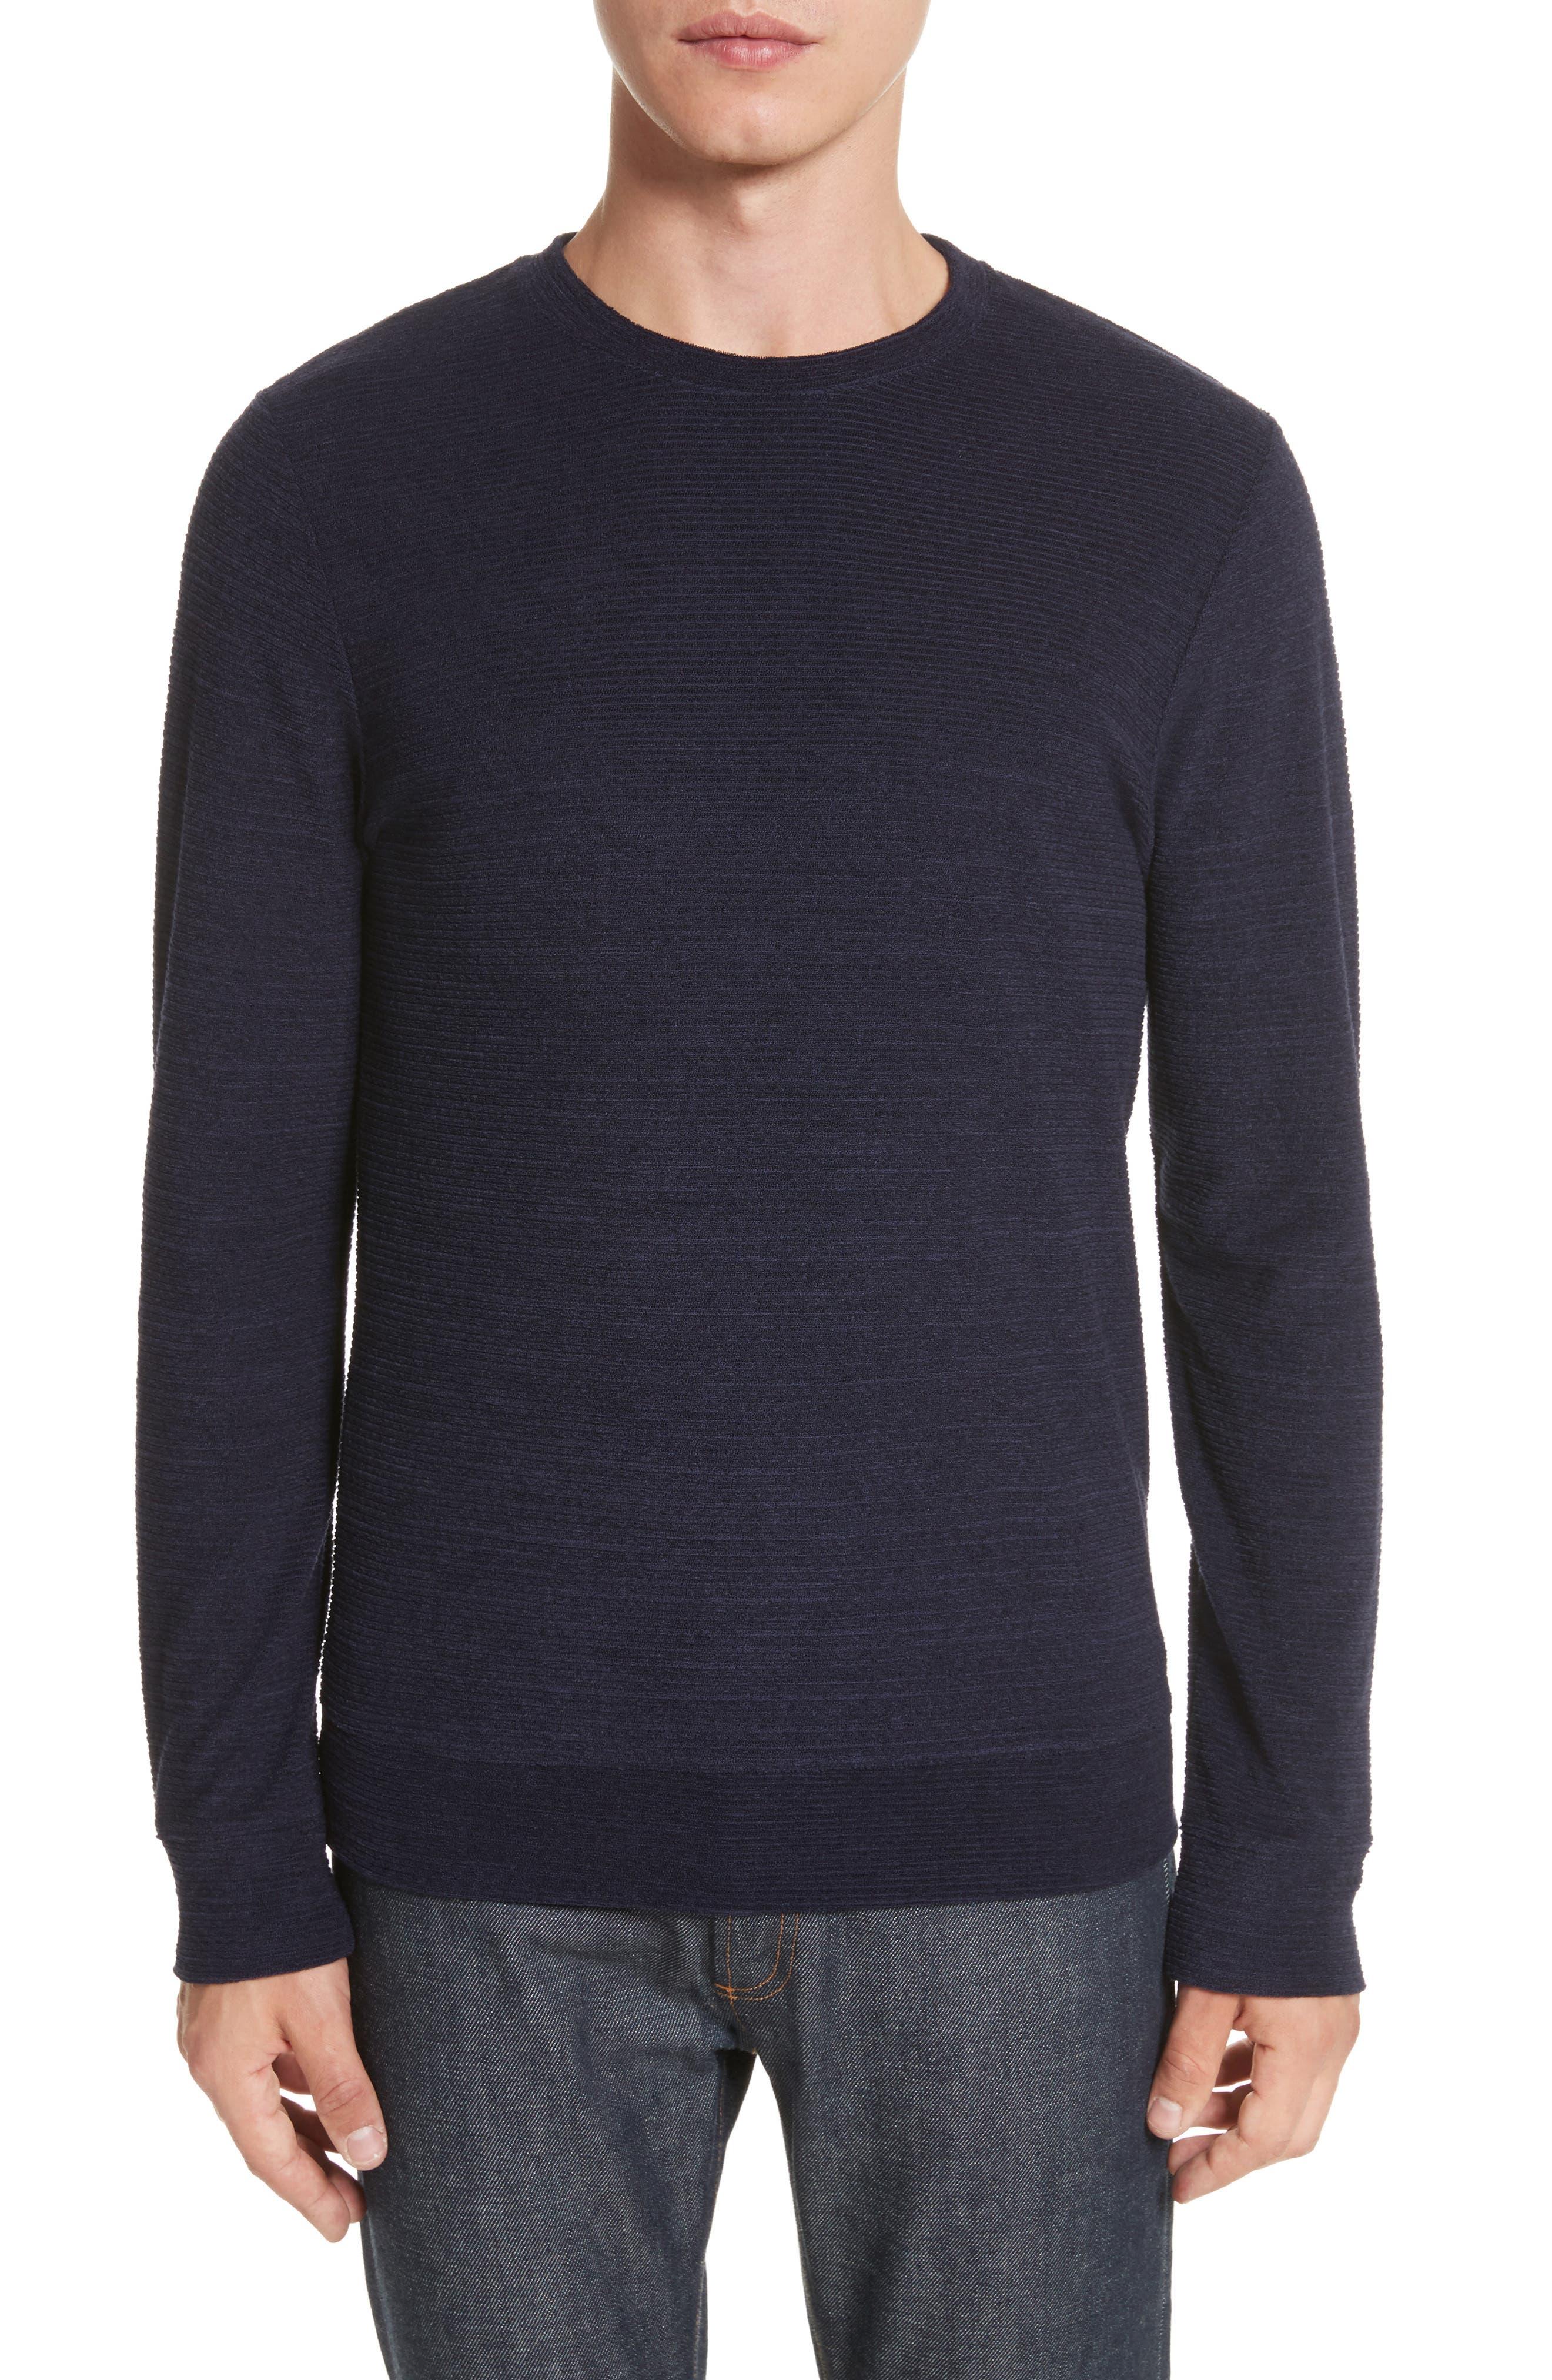 Main Image - A.P.C. Jeremie Crewneck Sweater